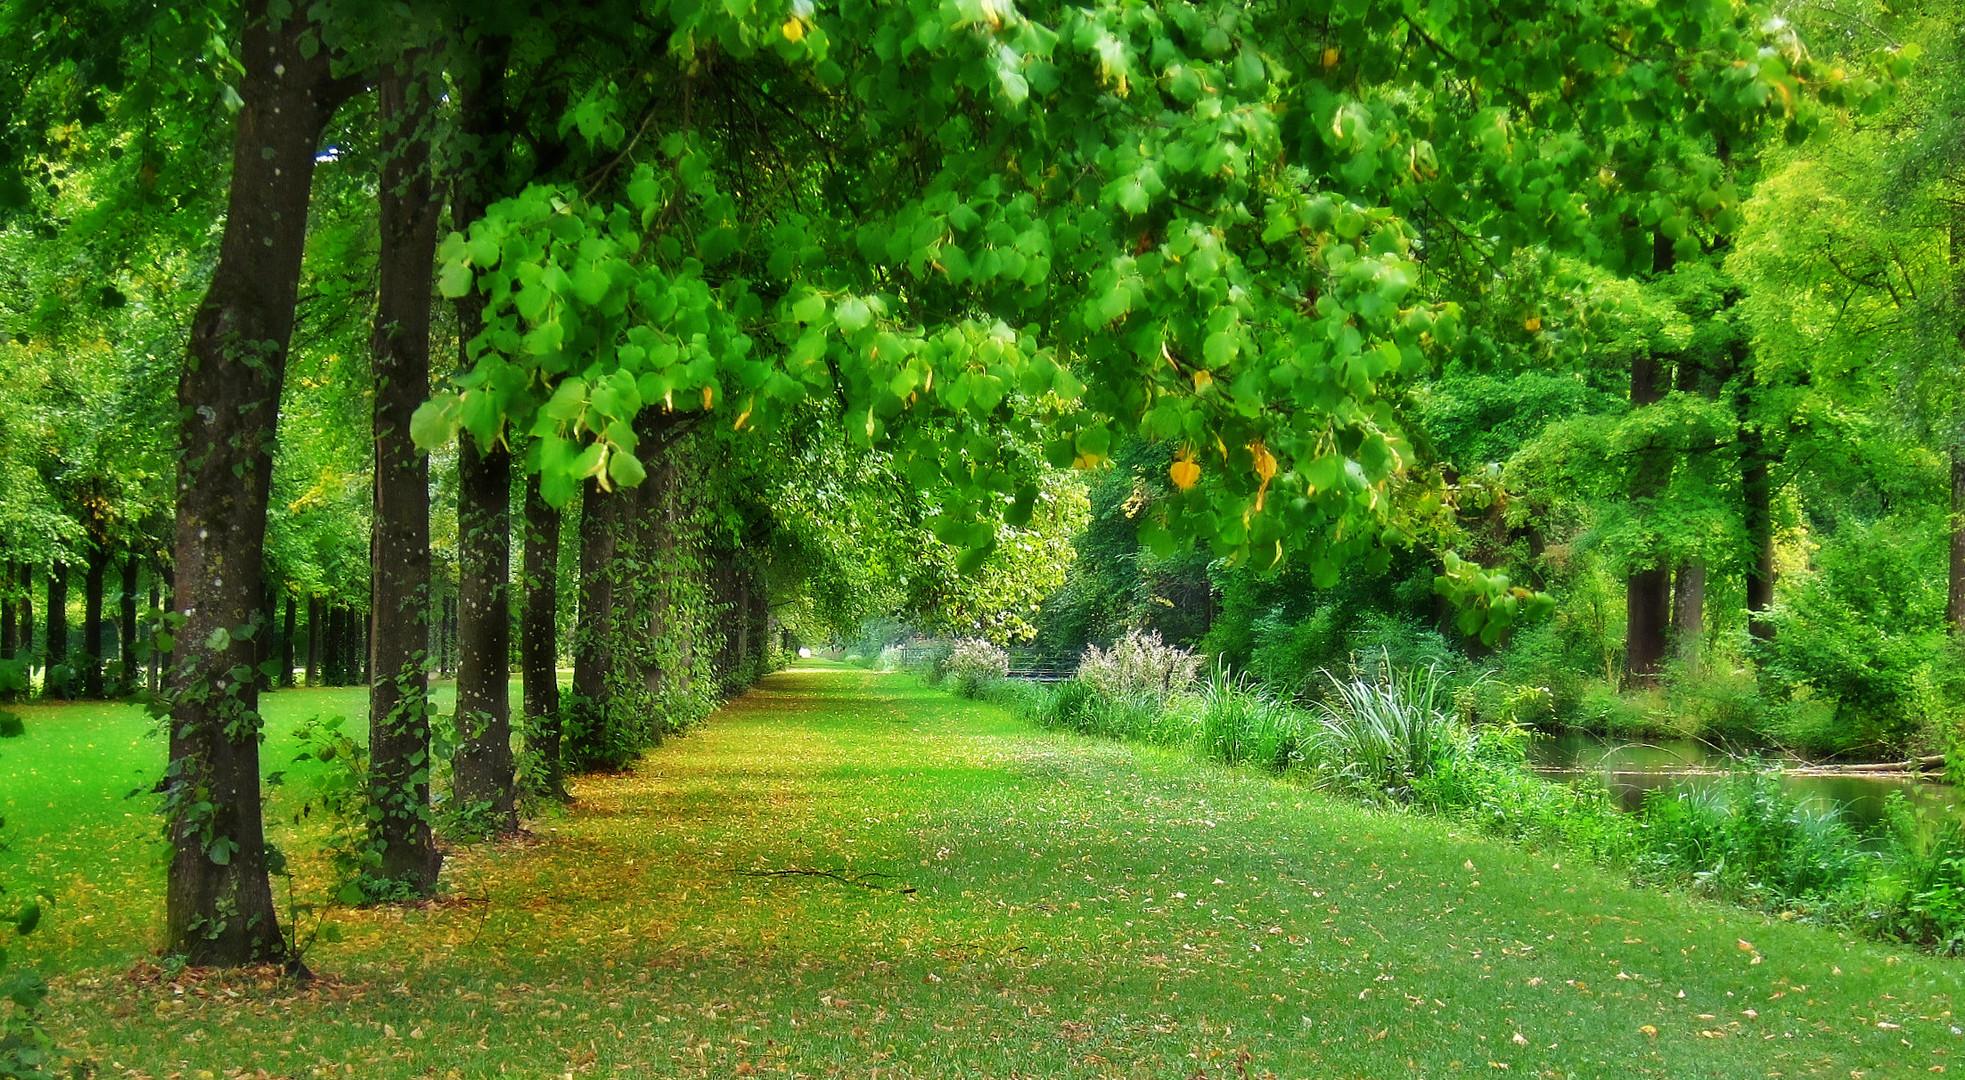 der Herbst kommt auf ganz leisen Sohlen